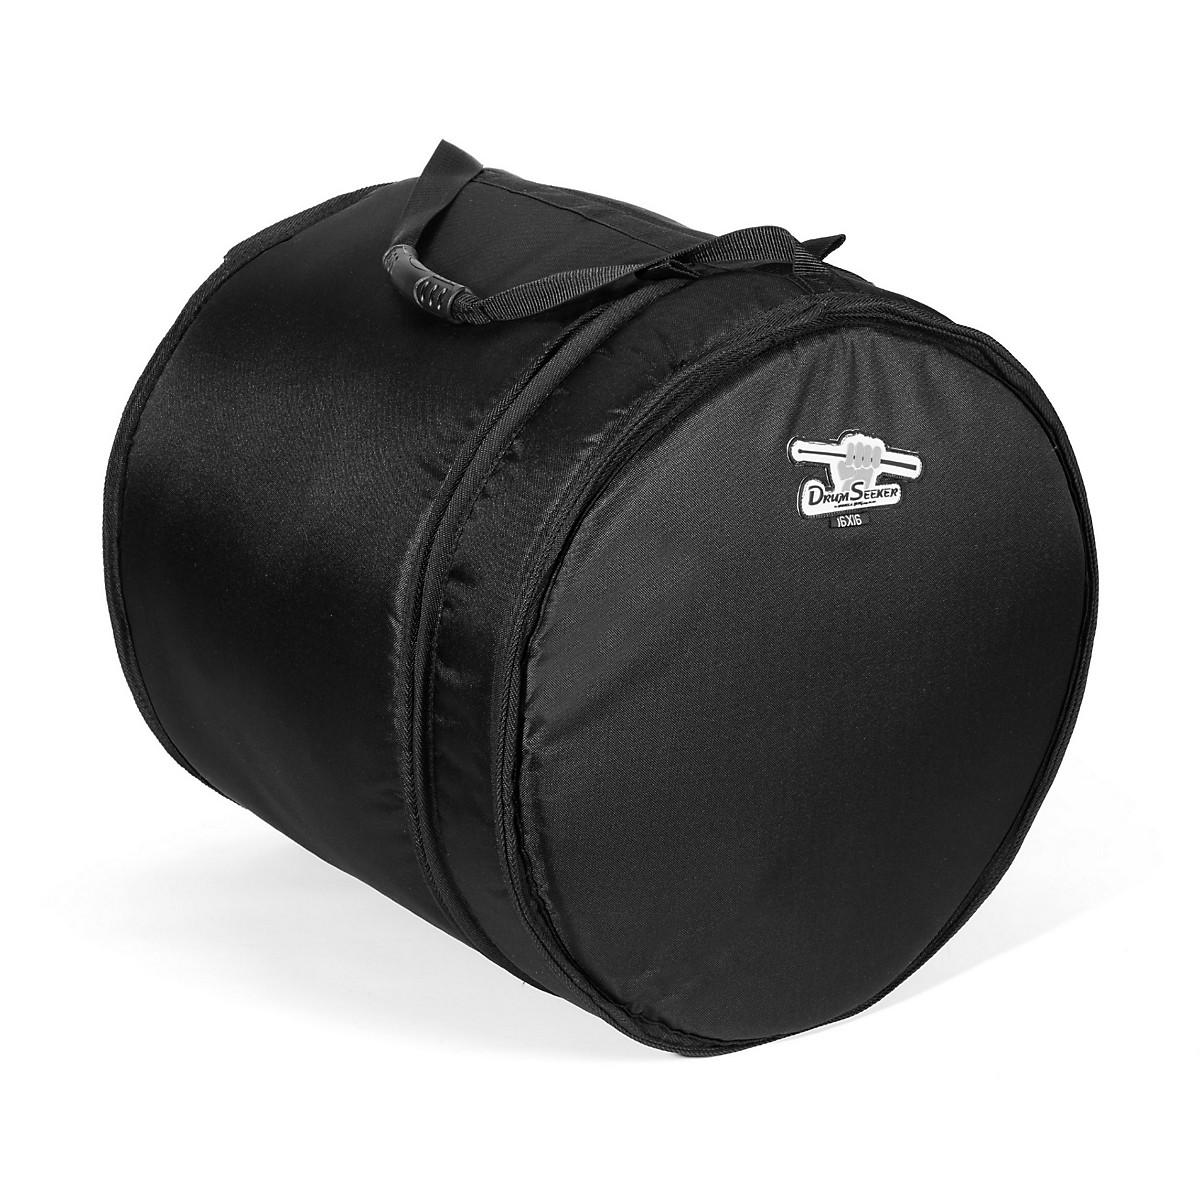 Humes & Berg Drum Seeker Floor Tom Bag